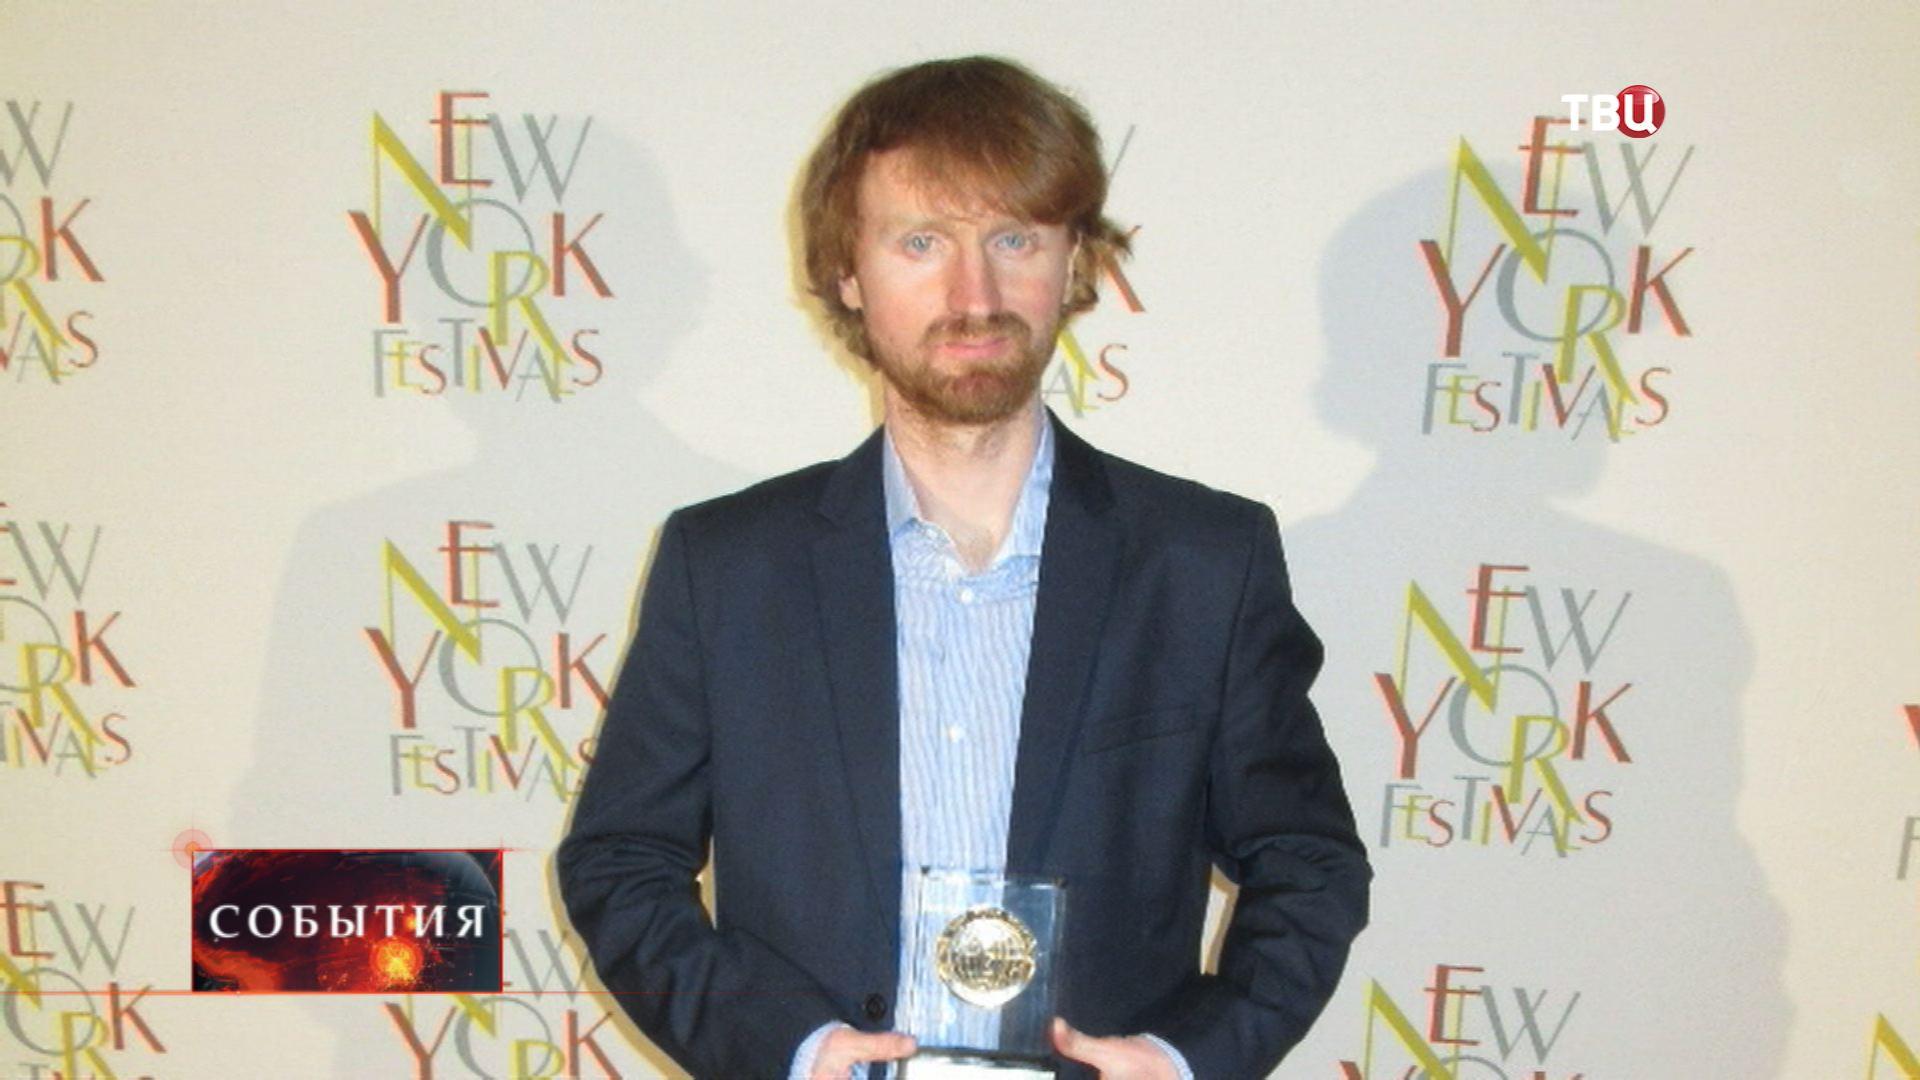 Награждение телеканала Russia Today на международном фестивале в Нью-Йорке